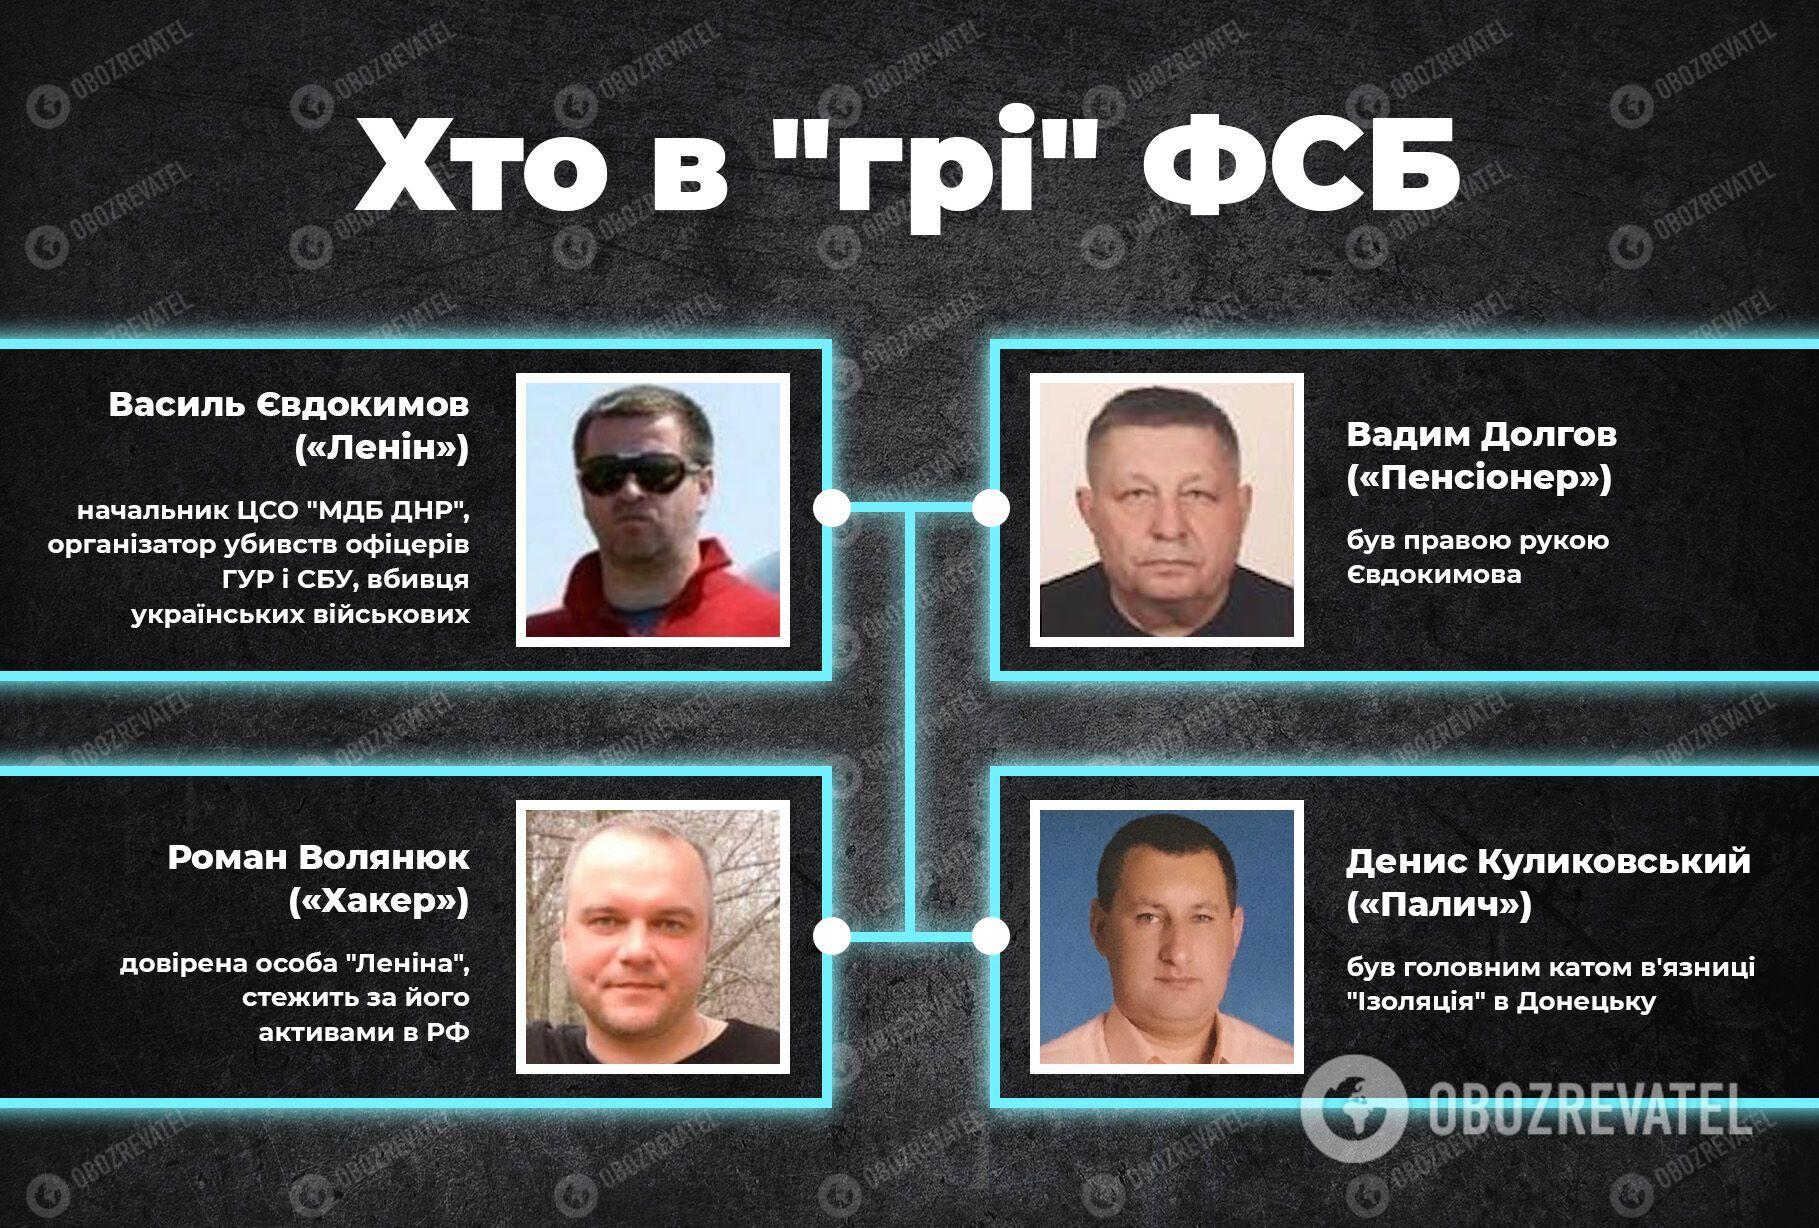 Василь Євдокимов, Роман Волянюк, Вадим Долгов і Денис Куликовський